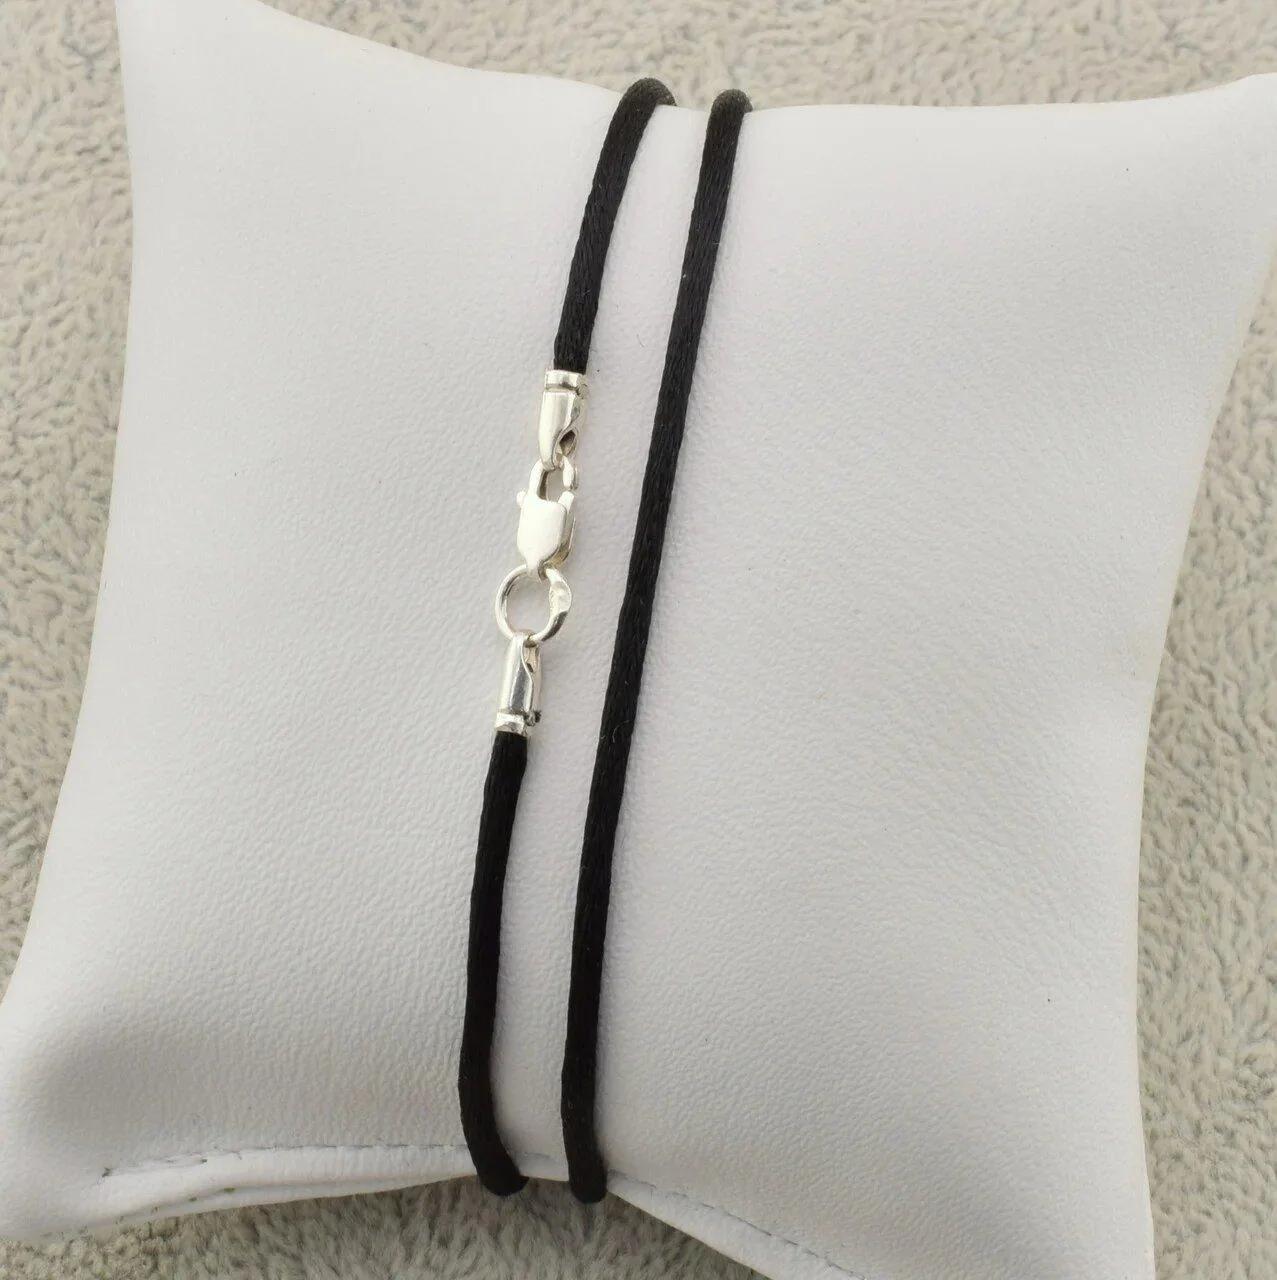 Шнурок шелковый цвет черный длина 30 см ширина 2 мм вес серебра 0.7 г